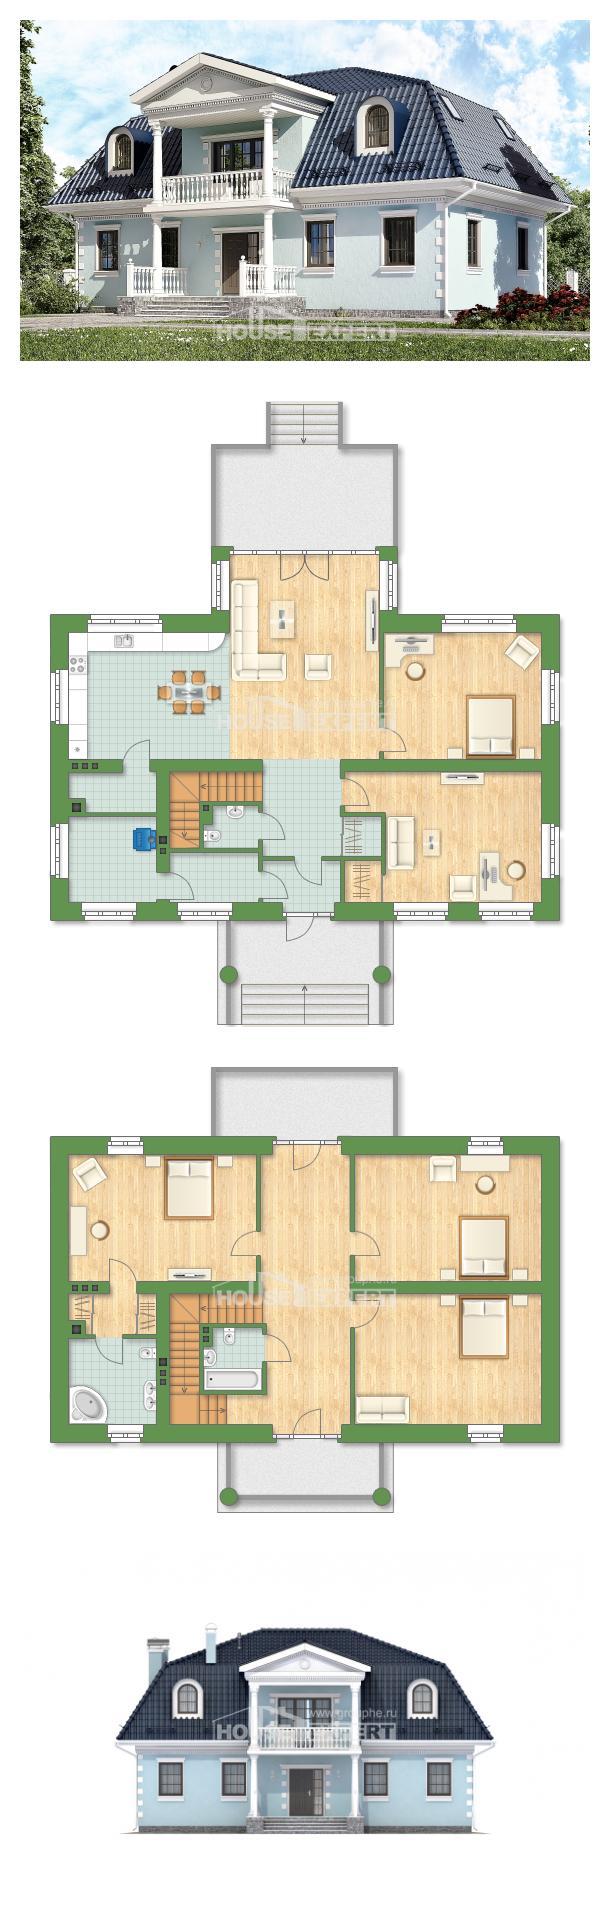 Plan 210-004-L | House Expert